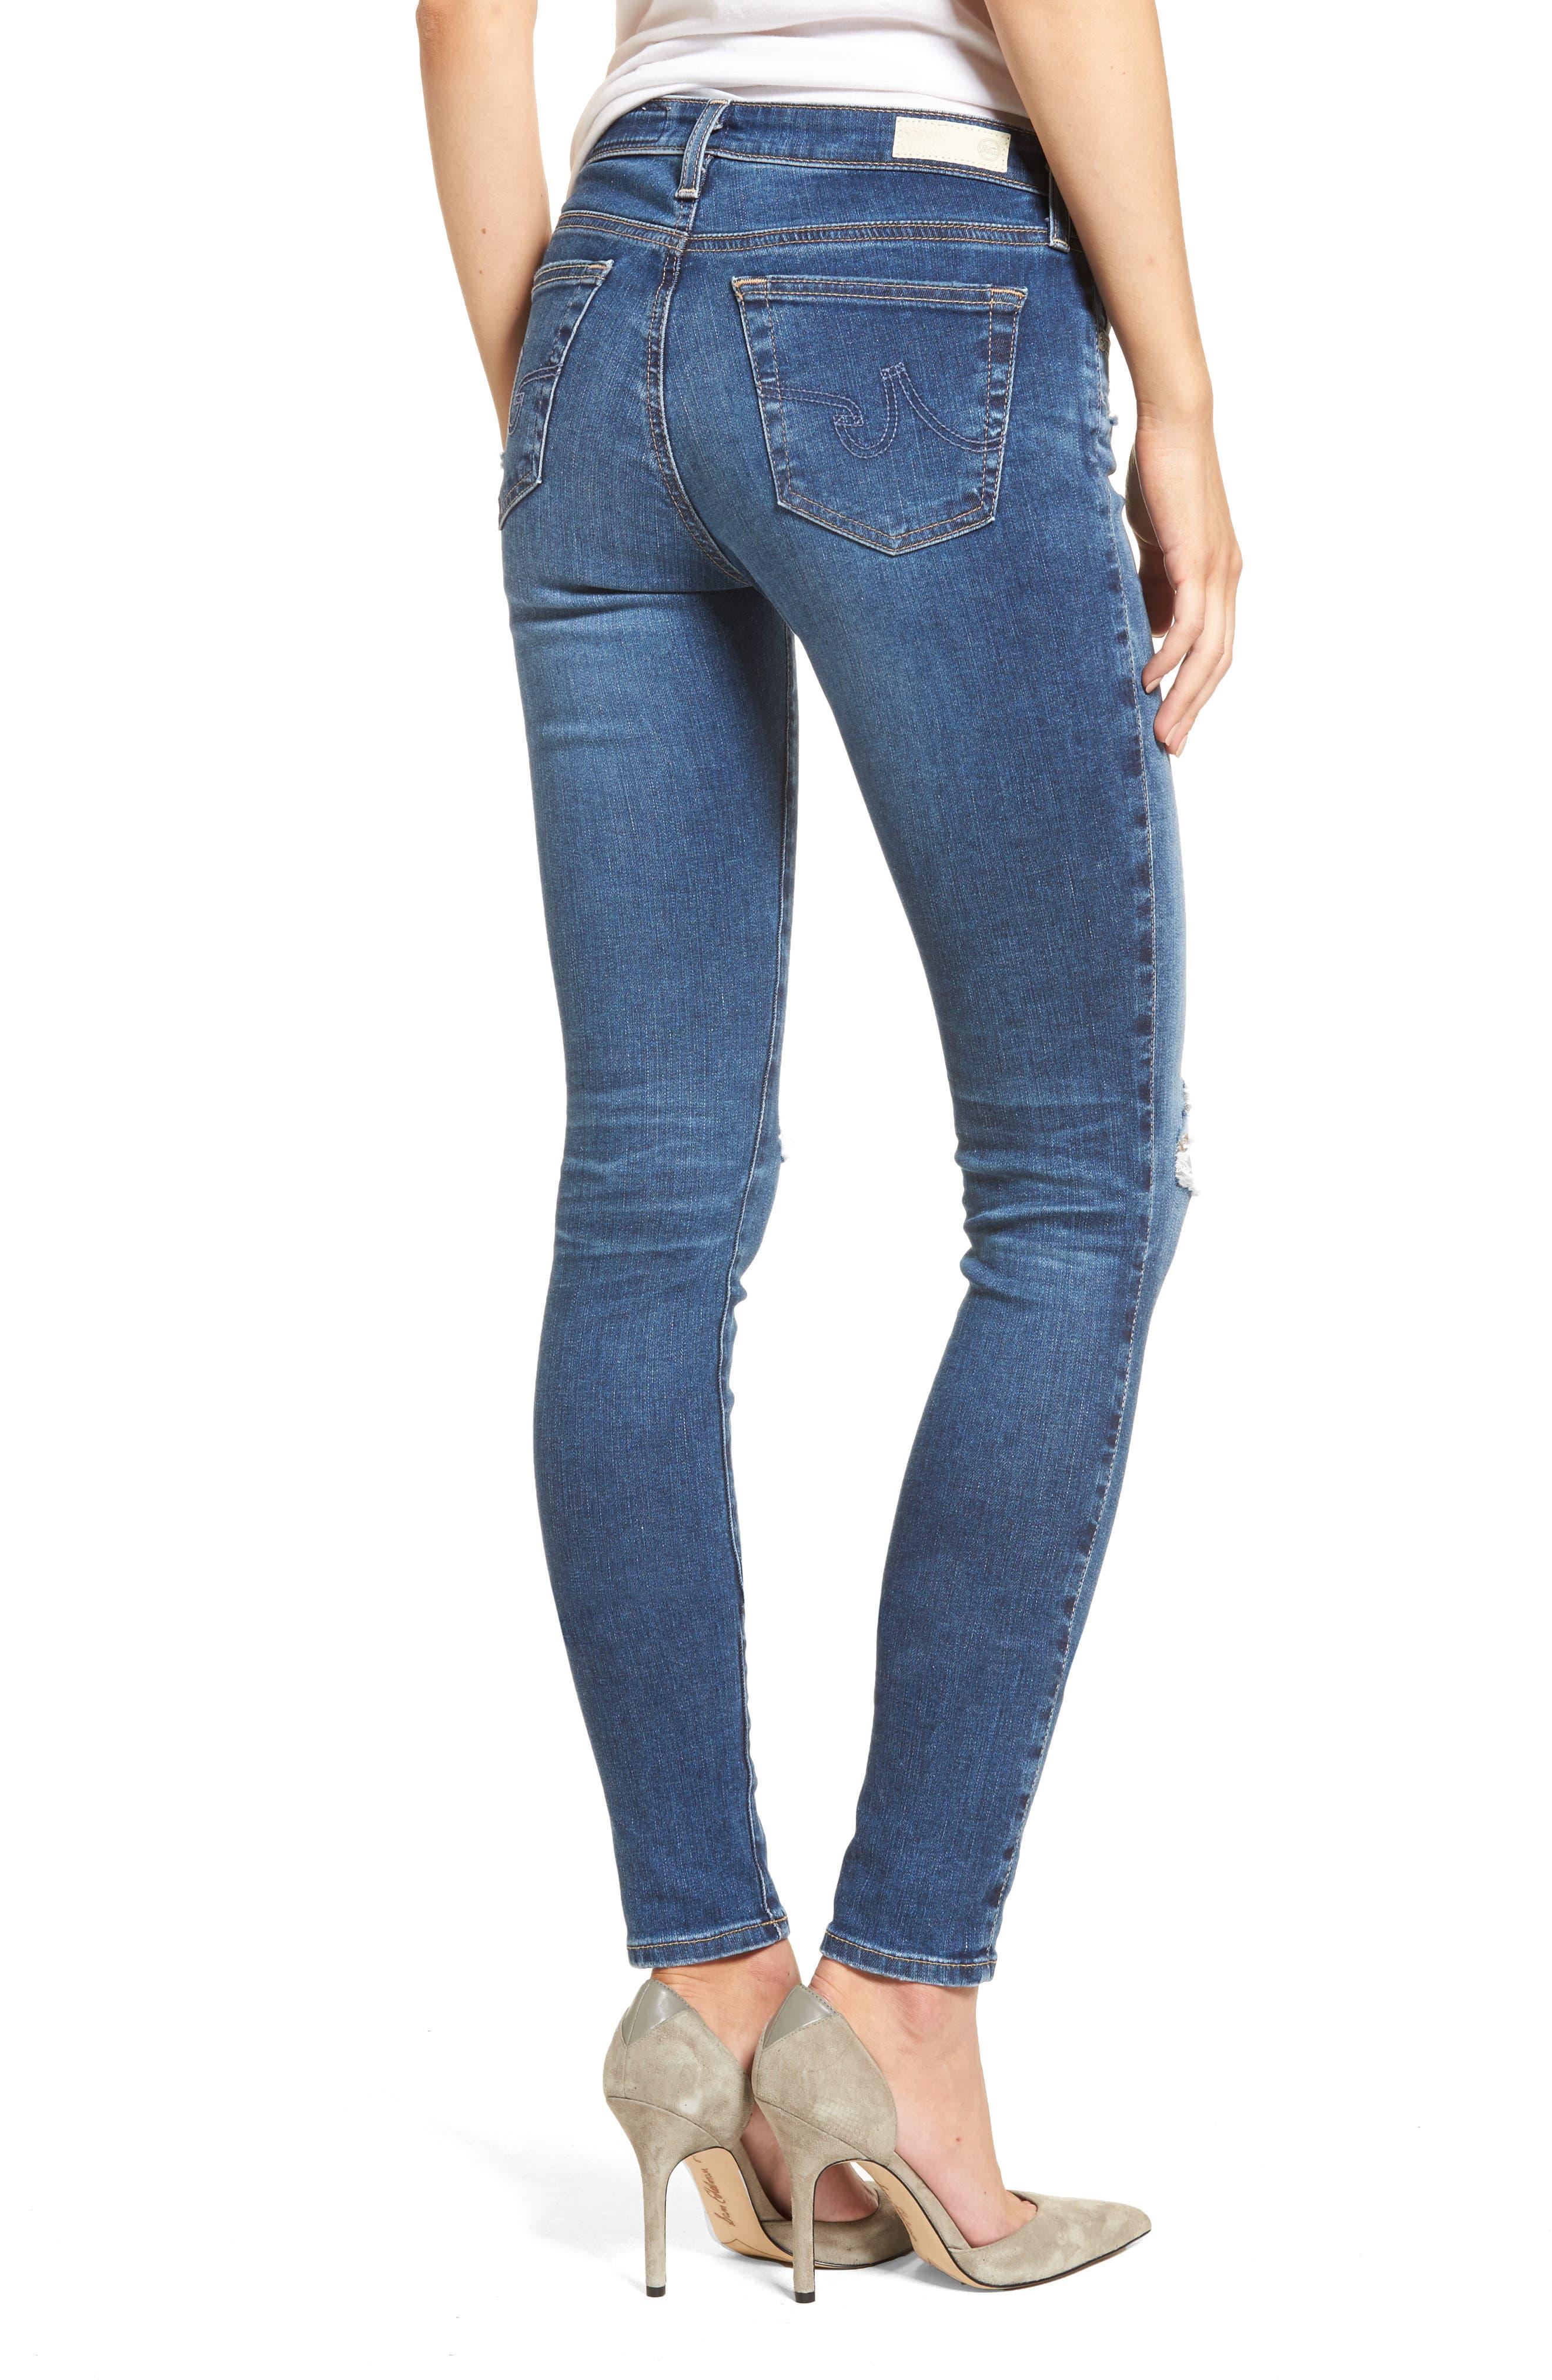 Alternate Image 2  - AG The Legging Super Skinny Jeans (13 Years Daybreak Destroyed)